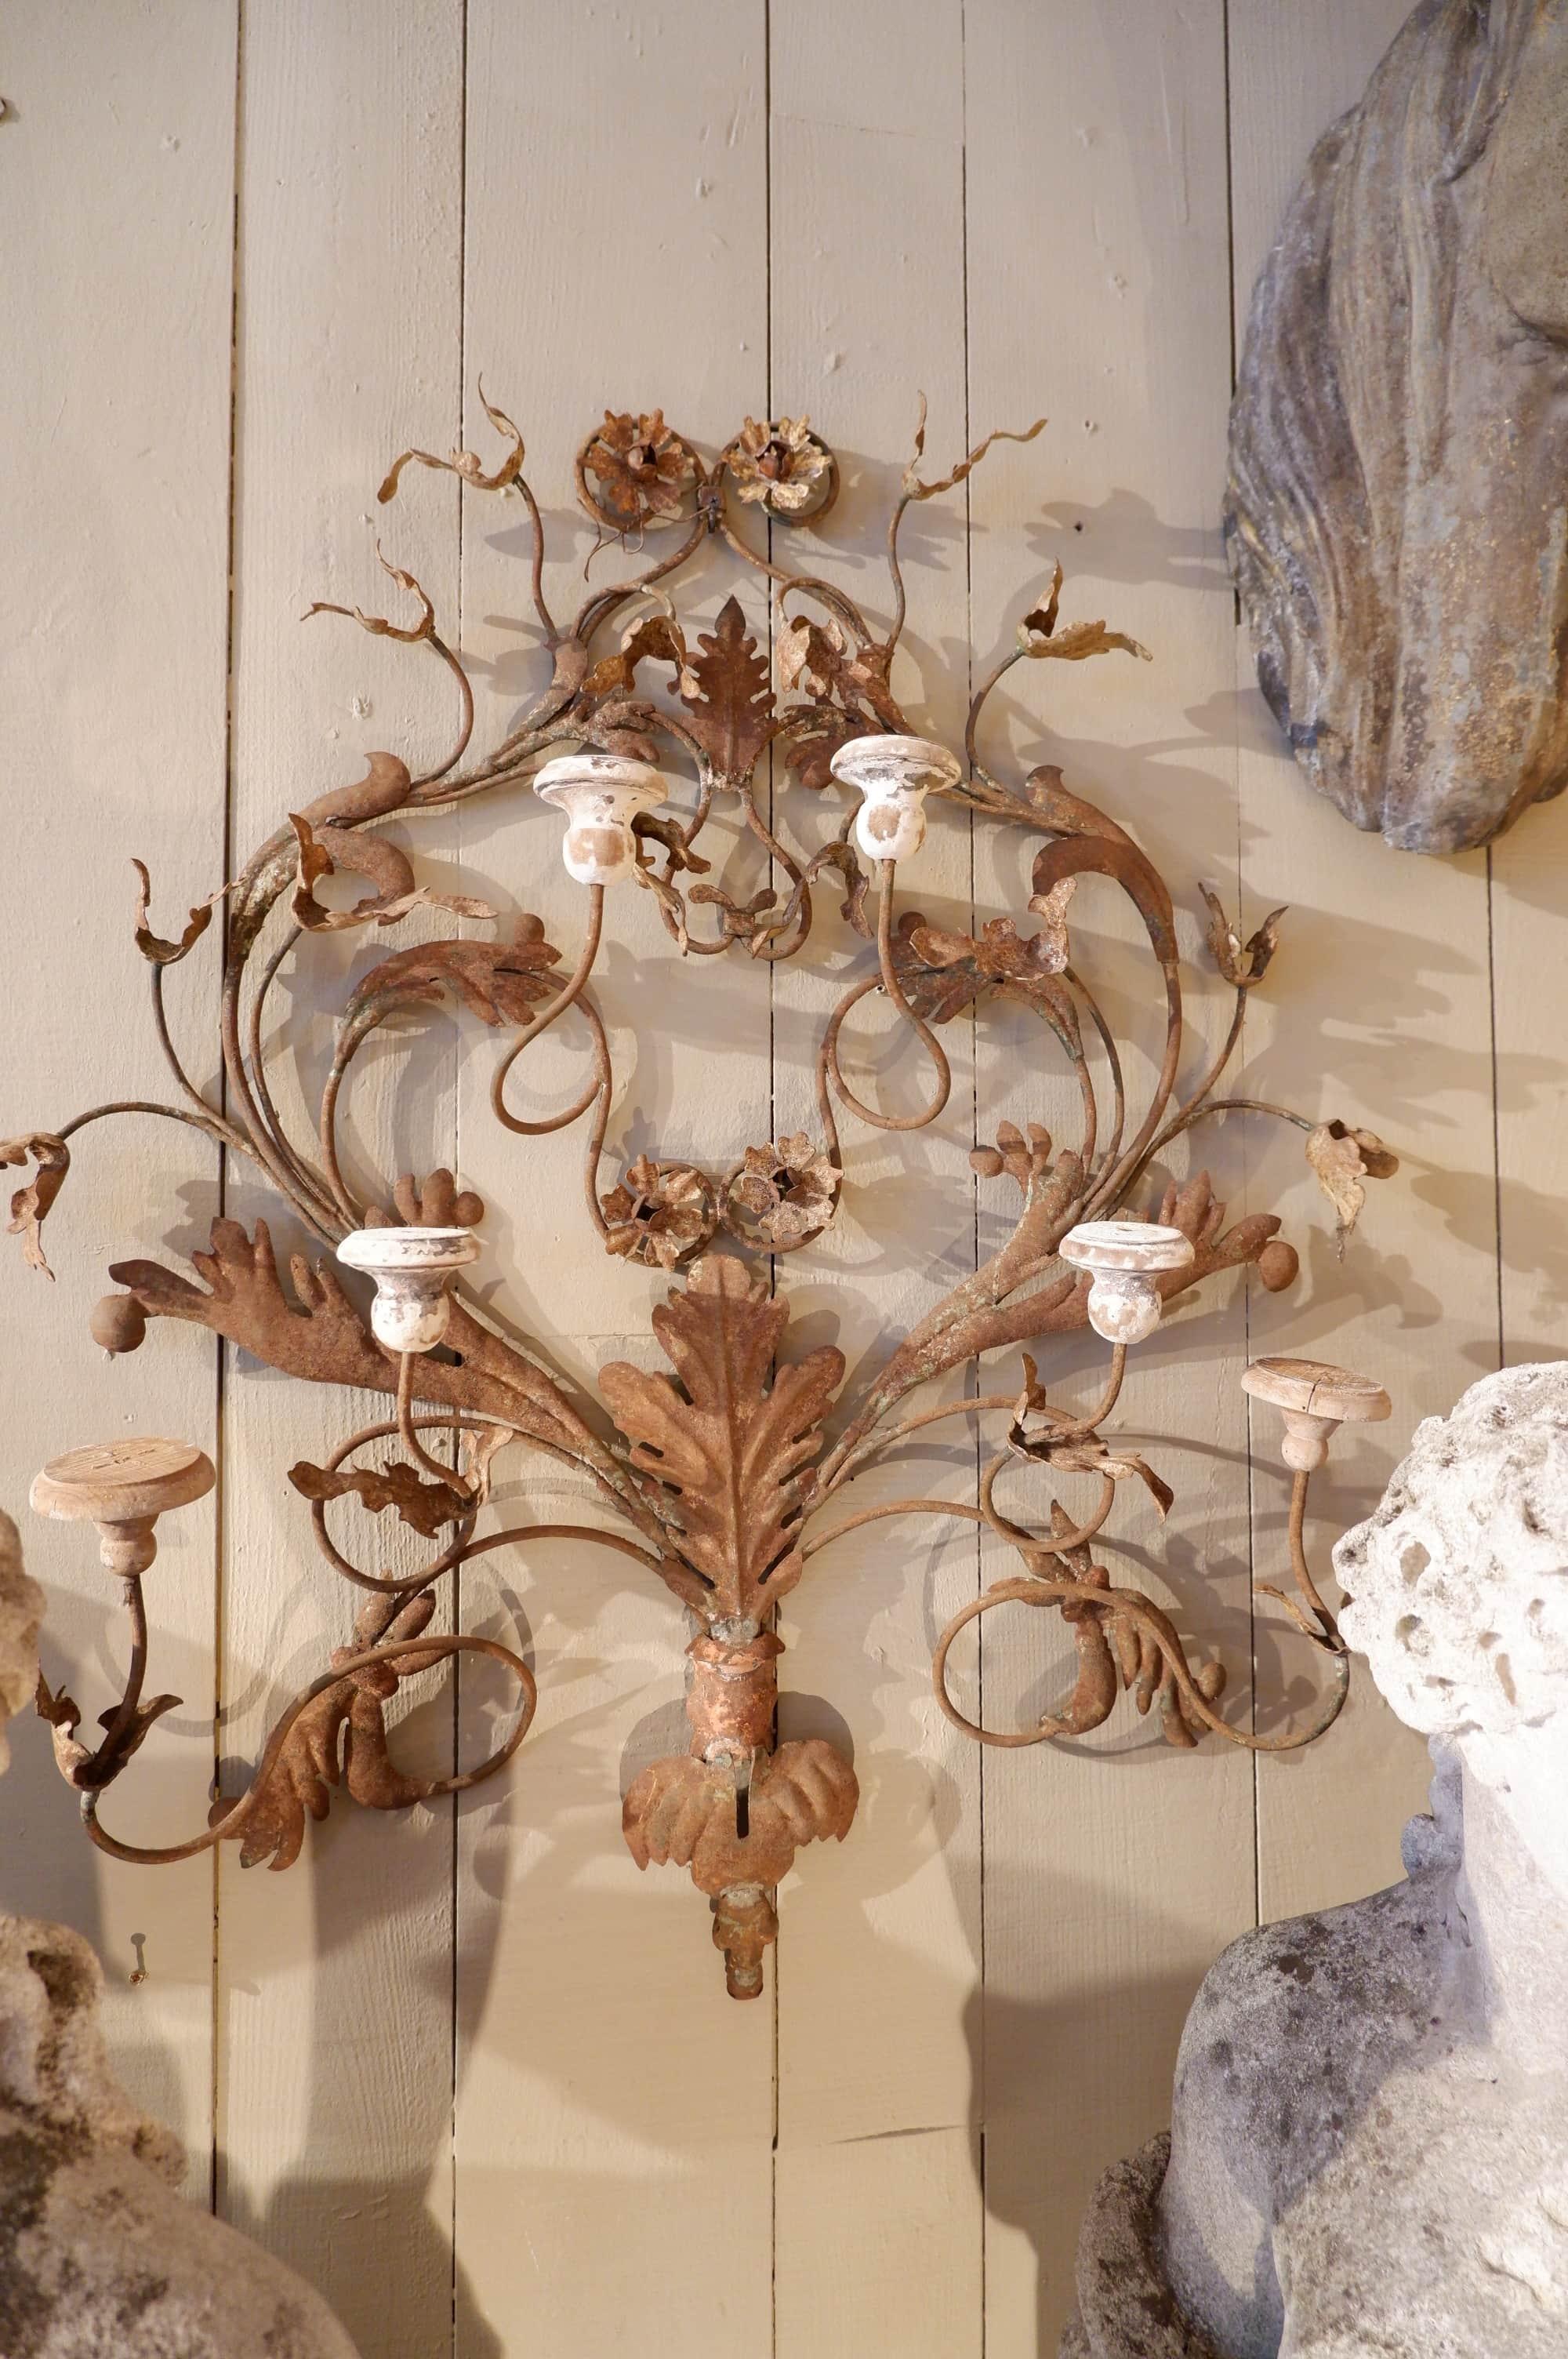 Suite de 3 appliques en fer volutes et feuilles d'acanthes – Italie Ca.1880